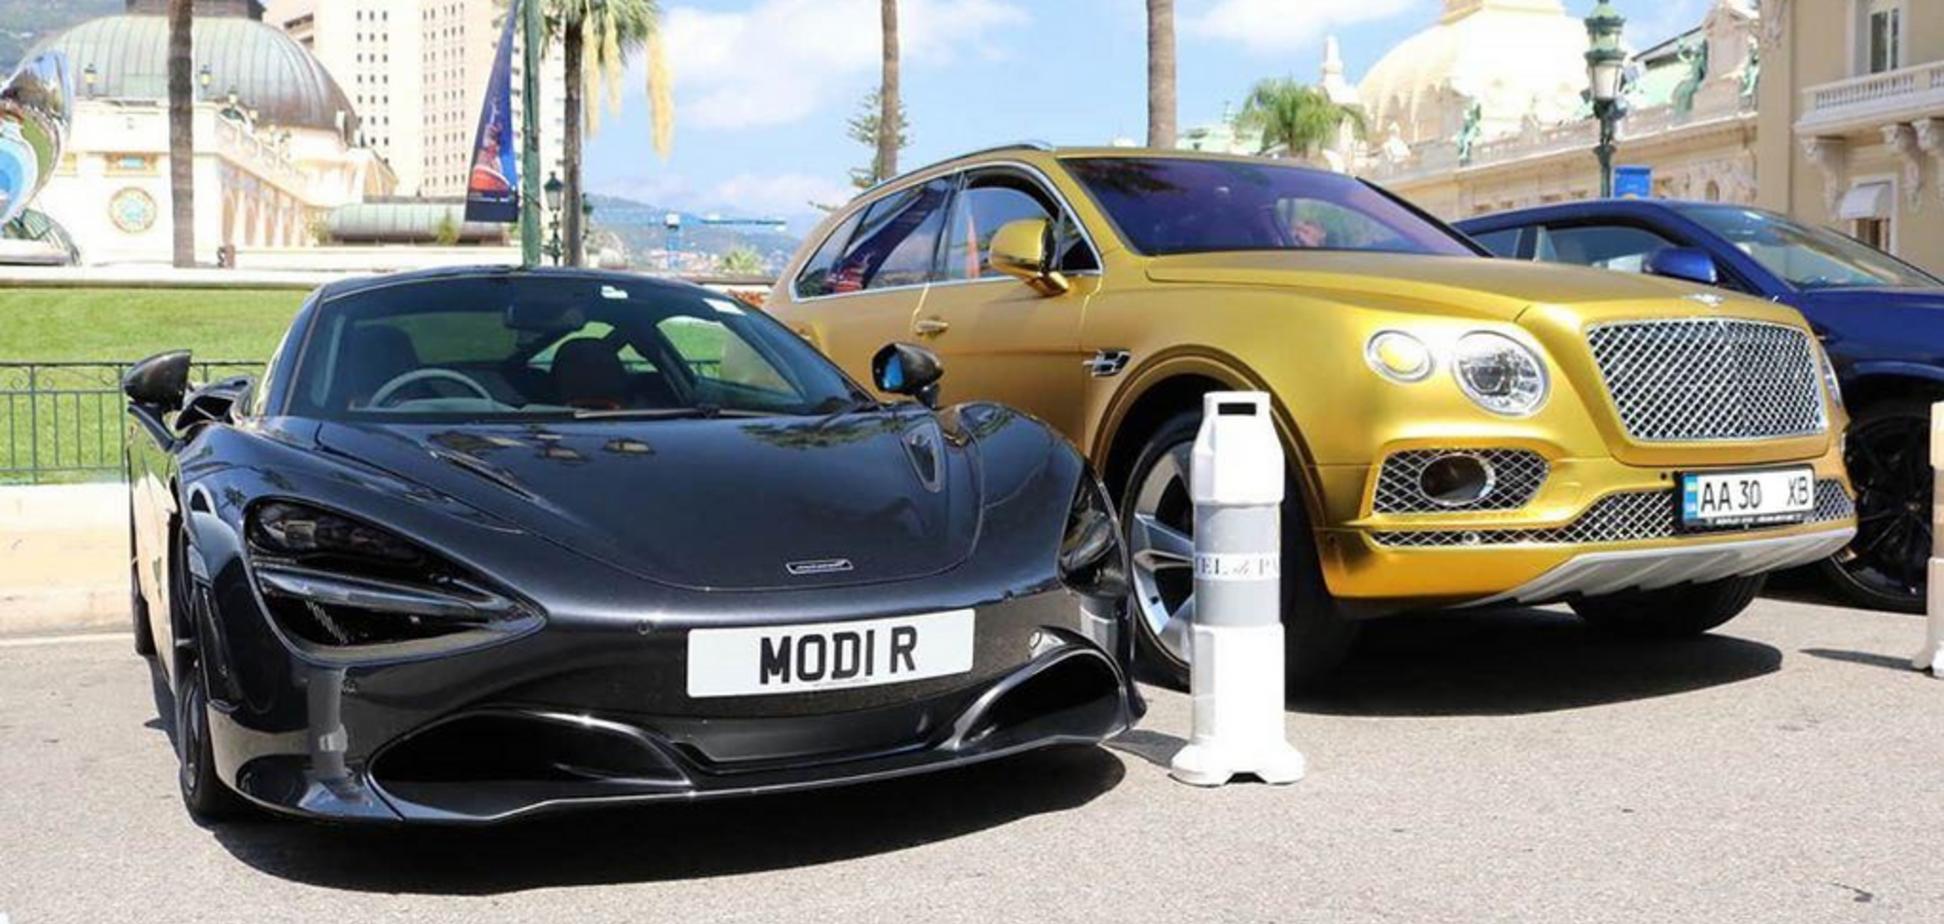 В Монако засветился золотой Bentley на украинских номерах